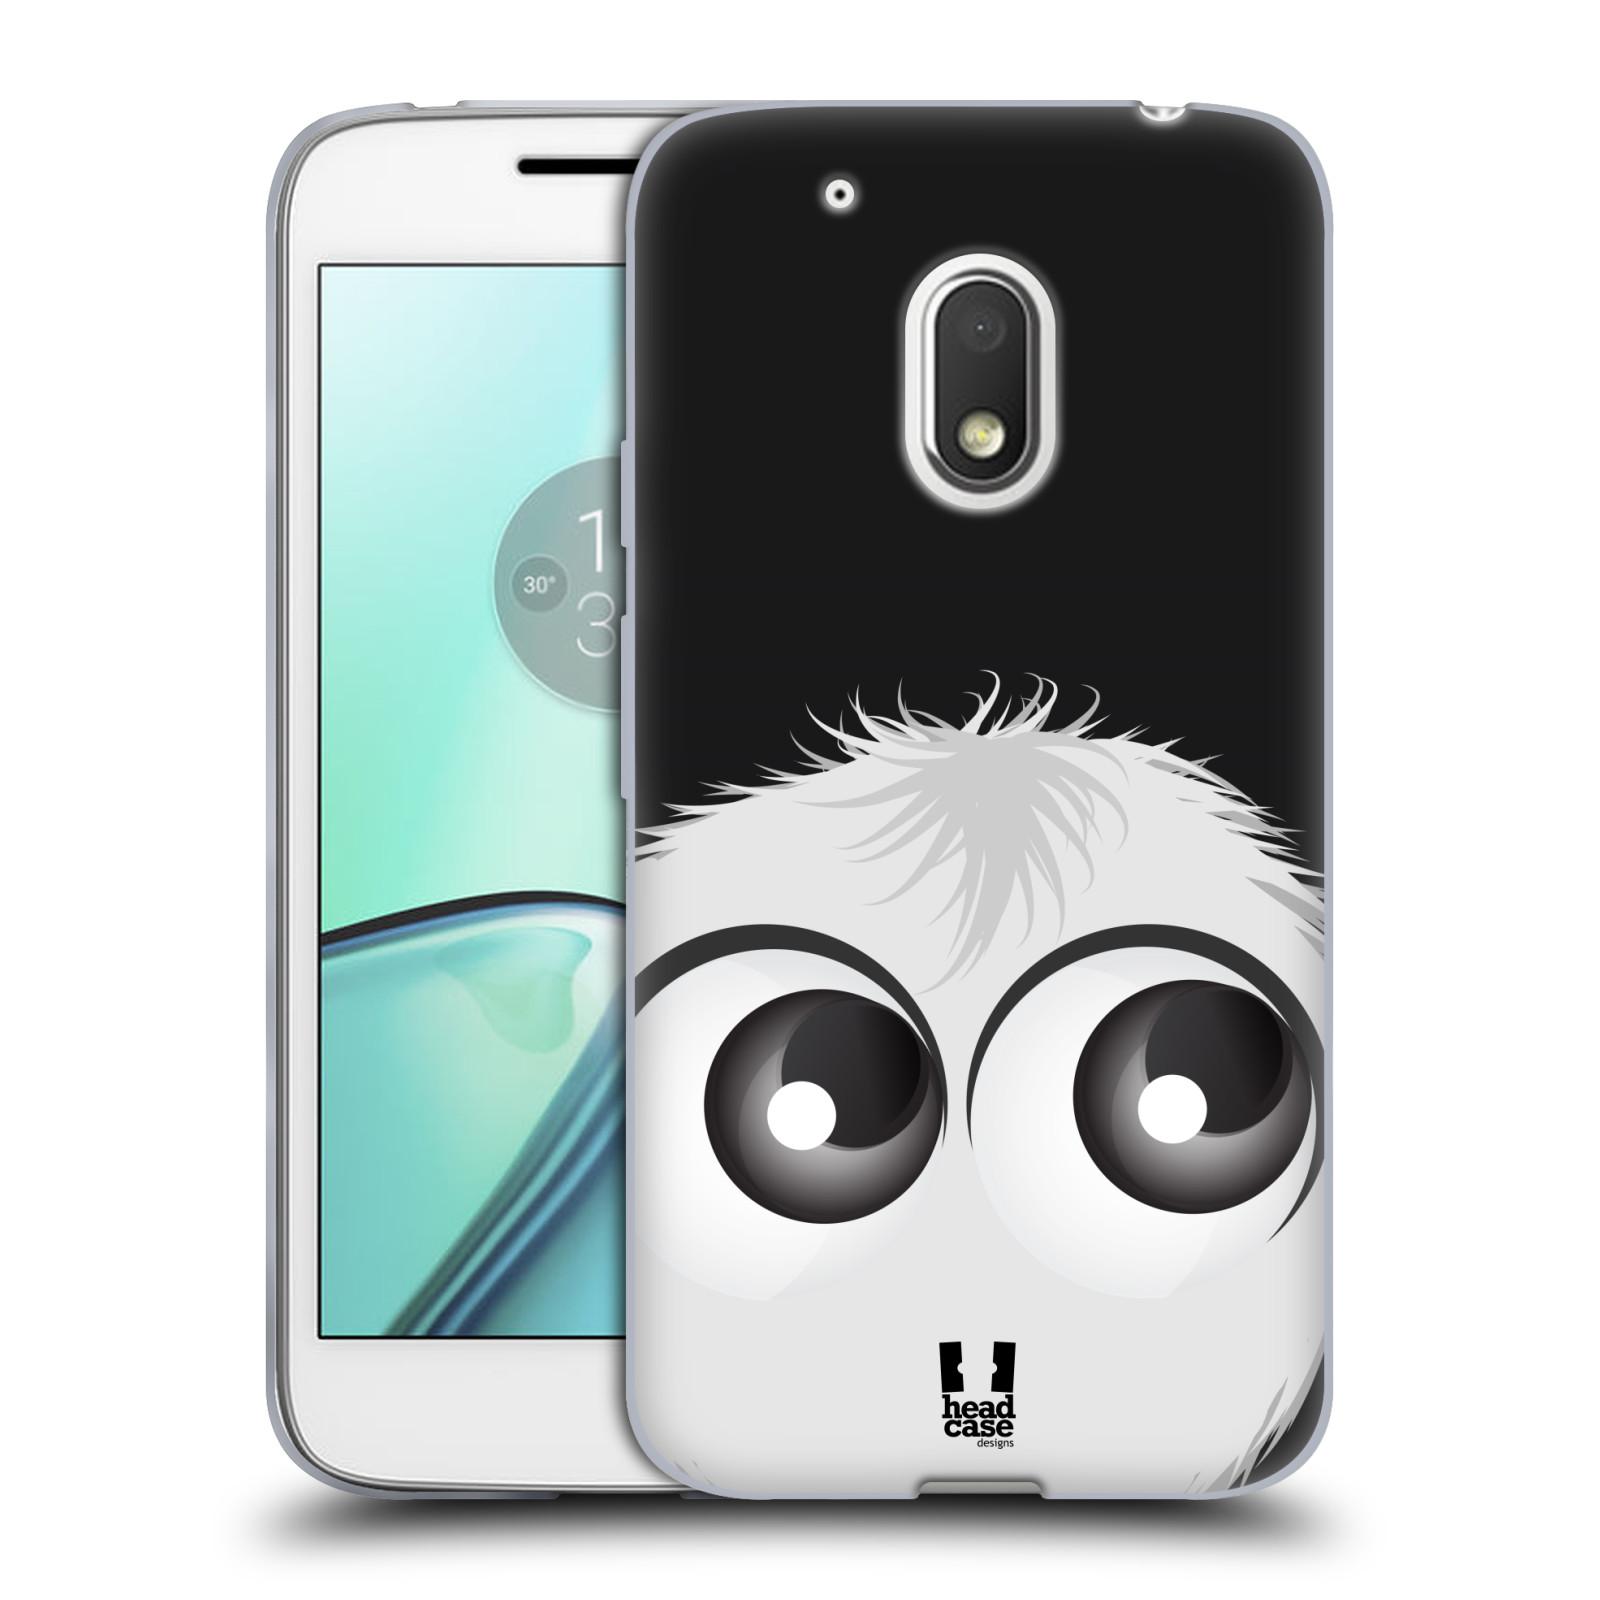 Silikonové pouzdro na mobil Lenovo Moto G4 Play - Head Case - FUZÍK BÍLÝ (Silikonový kryt či obal na mobilní telefon (Motorola) Moto G4 Play)